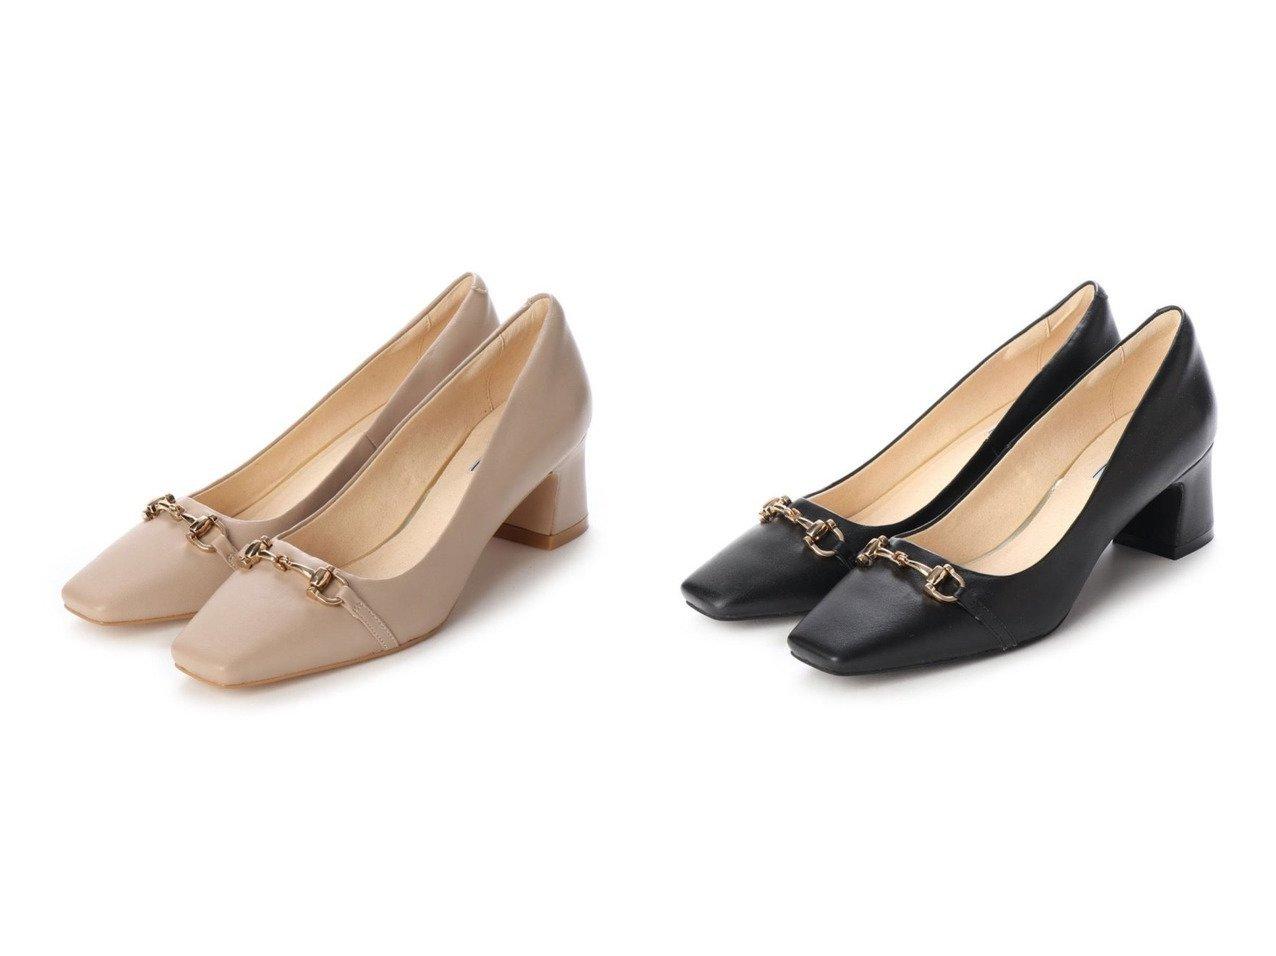 【EVOL/イーボル】の本革ビットパンプス 【シューズ・靴】おすすめ!人気、トレンド・レディースファッションの通販  おすすめで人気の流行・トレンド、ファッションの通販商品 メンズファッション・キッズファッション・インテリア・家具・レディースファッション・服の通販 founy(ファニー) https://founy.com/ ファッション Fashion レディースファッション WOMEN シューズ |ID:crp329100000027367